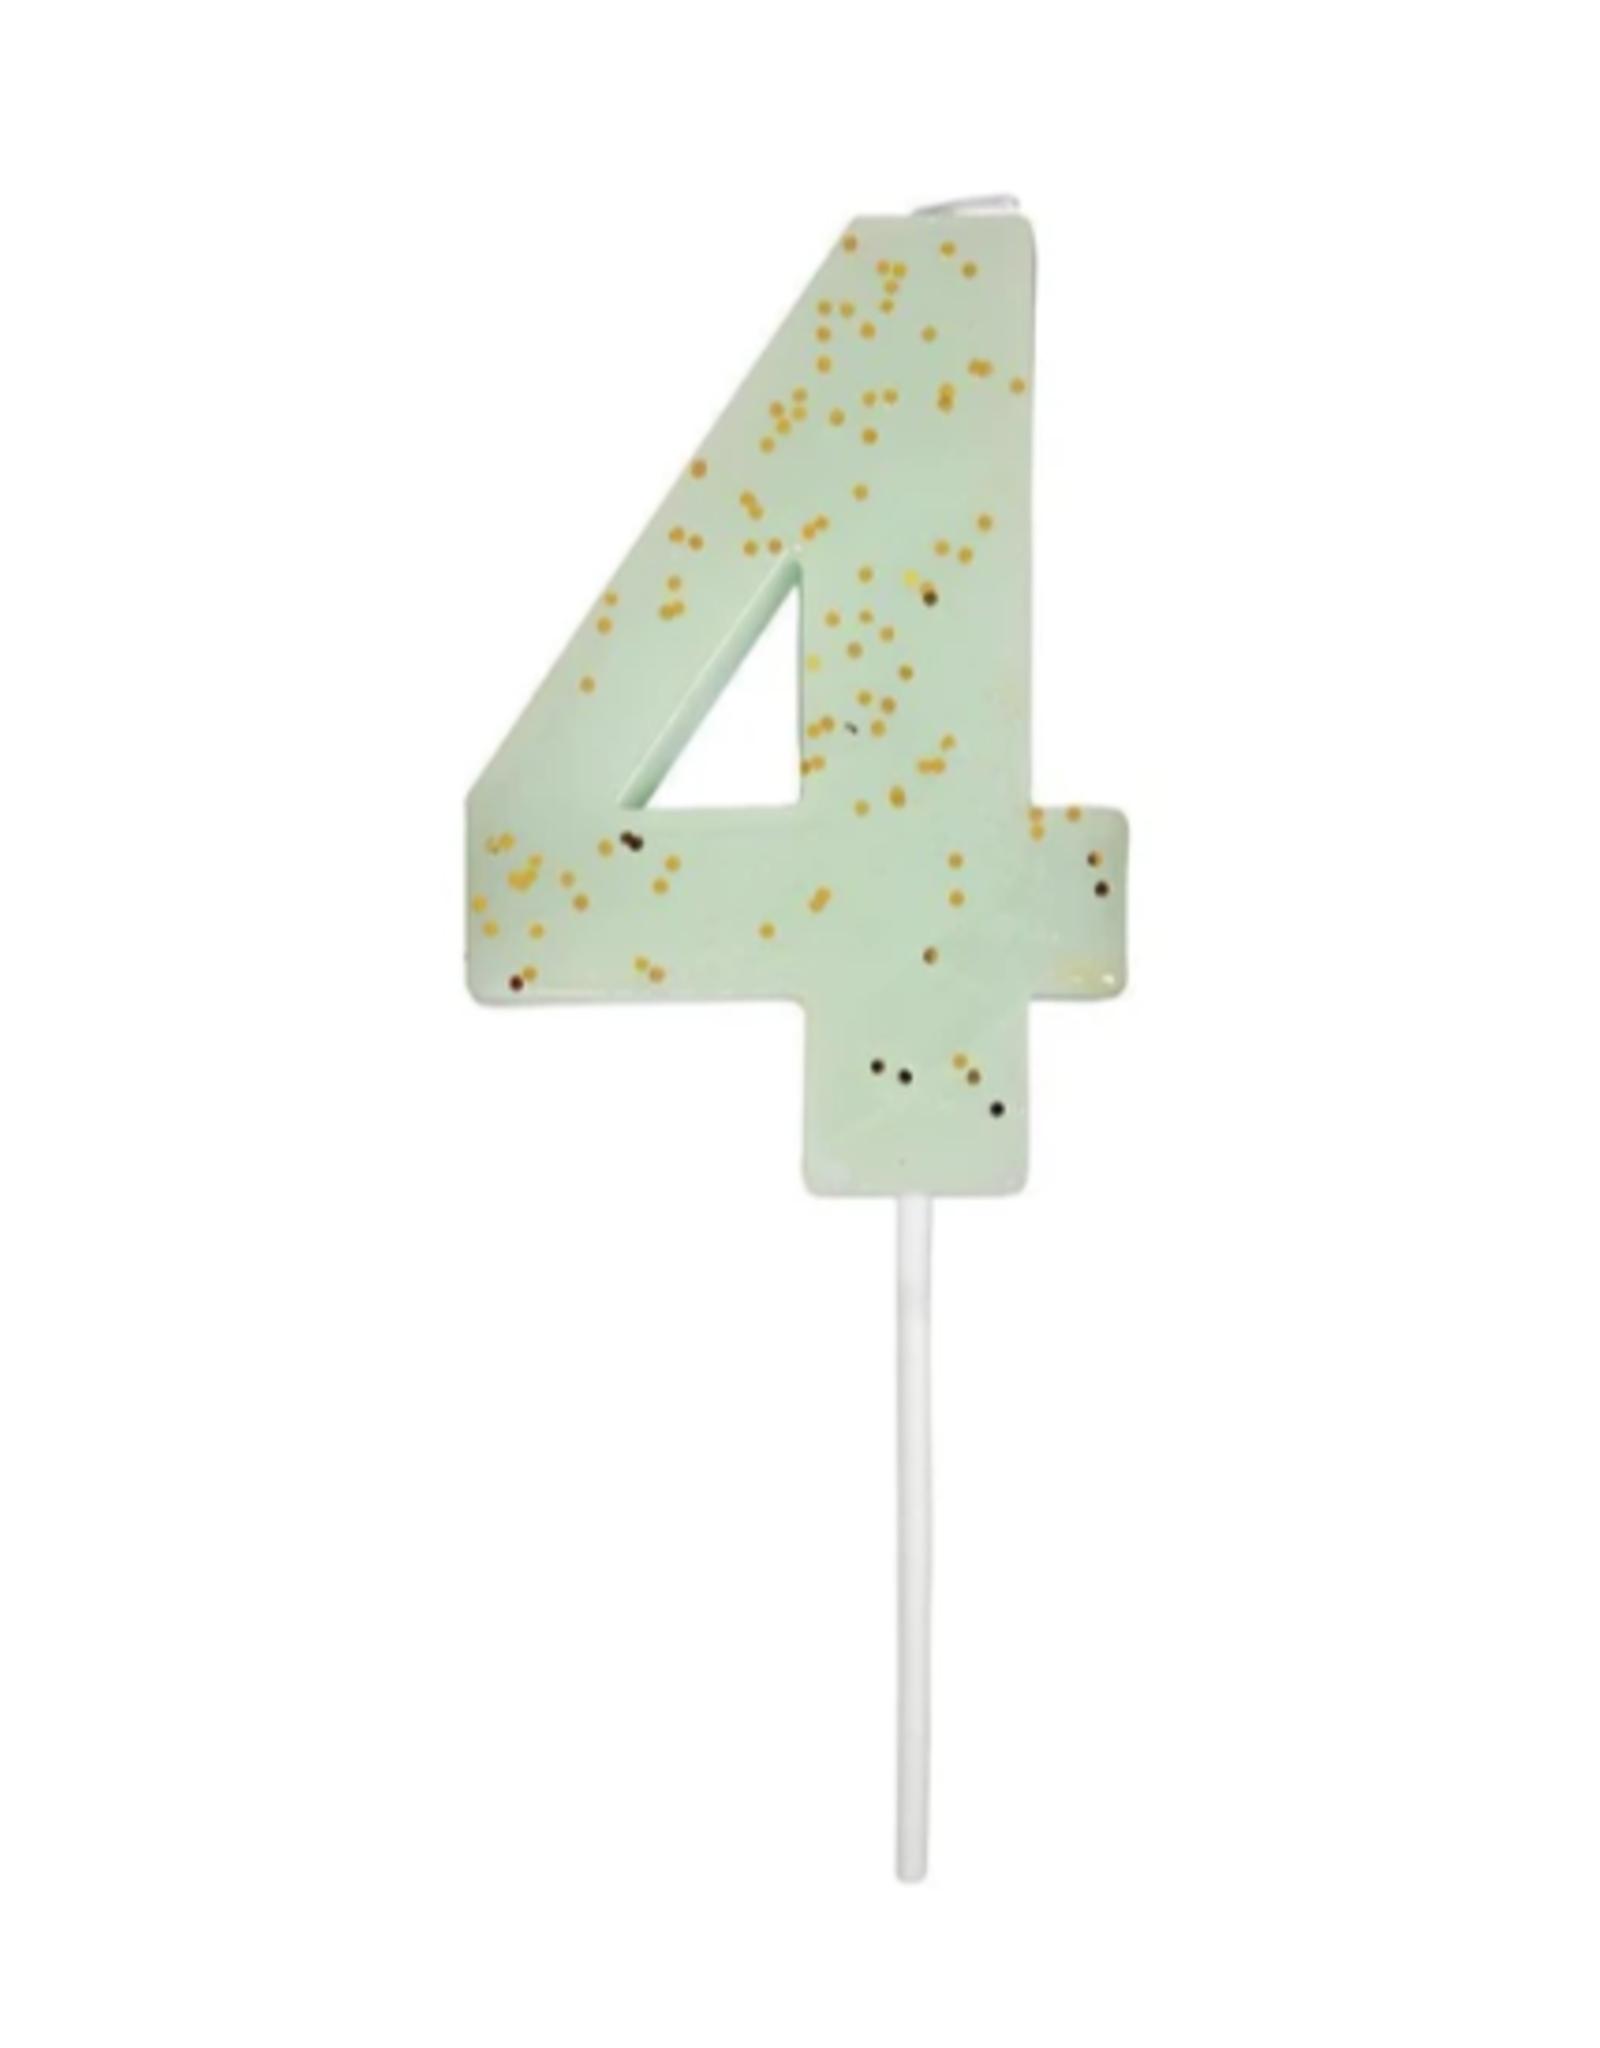 Meri Meri Candle: #4